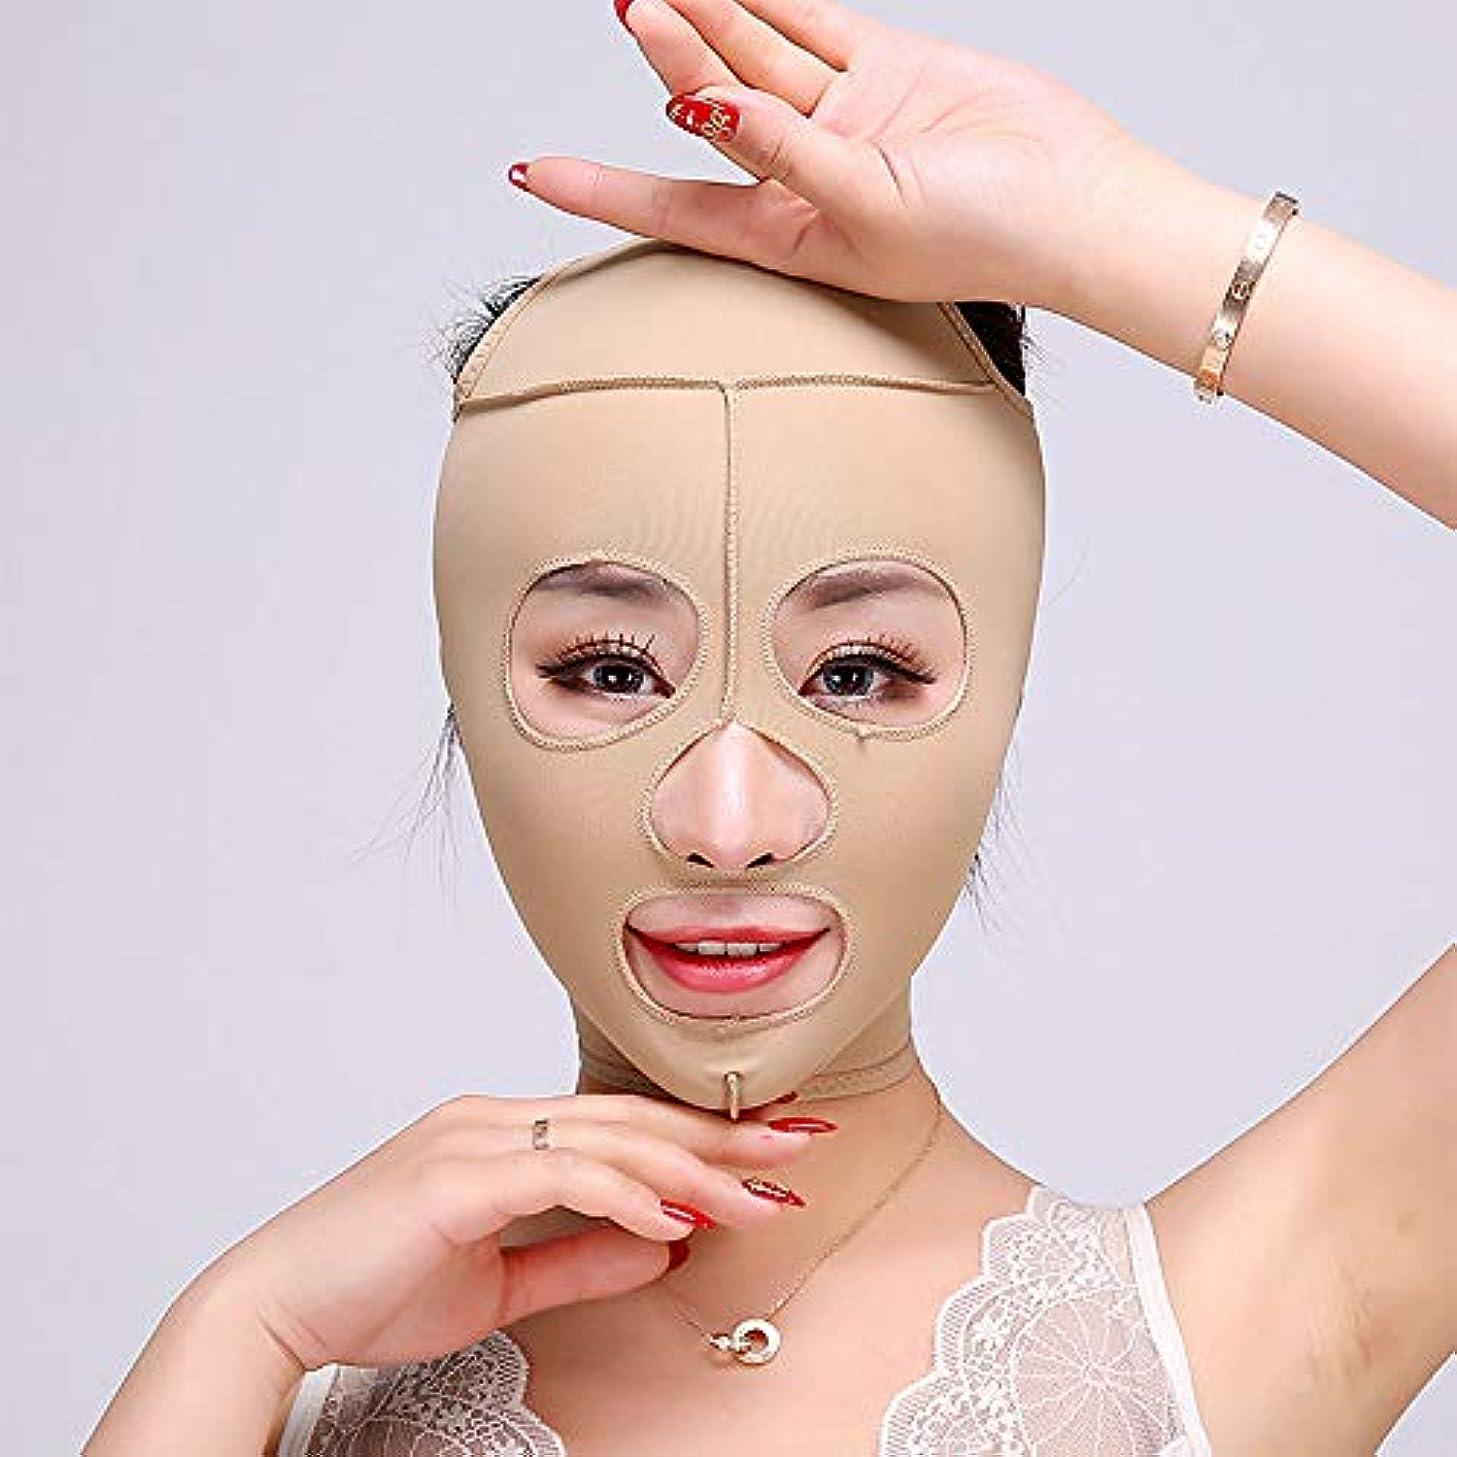 把握スズメバチ勇気のある肌に優しい睡眠薄いフェイス包帯、小さなVフェイス包帯/フェイスマスク/リフティングフェイス引き締め改装二重あご(カラー)